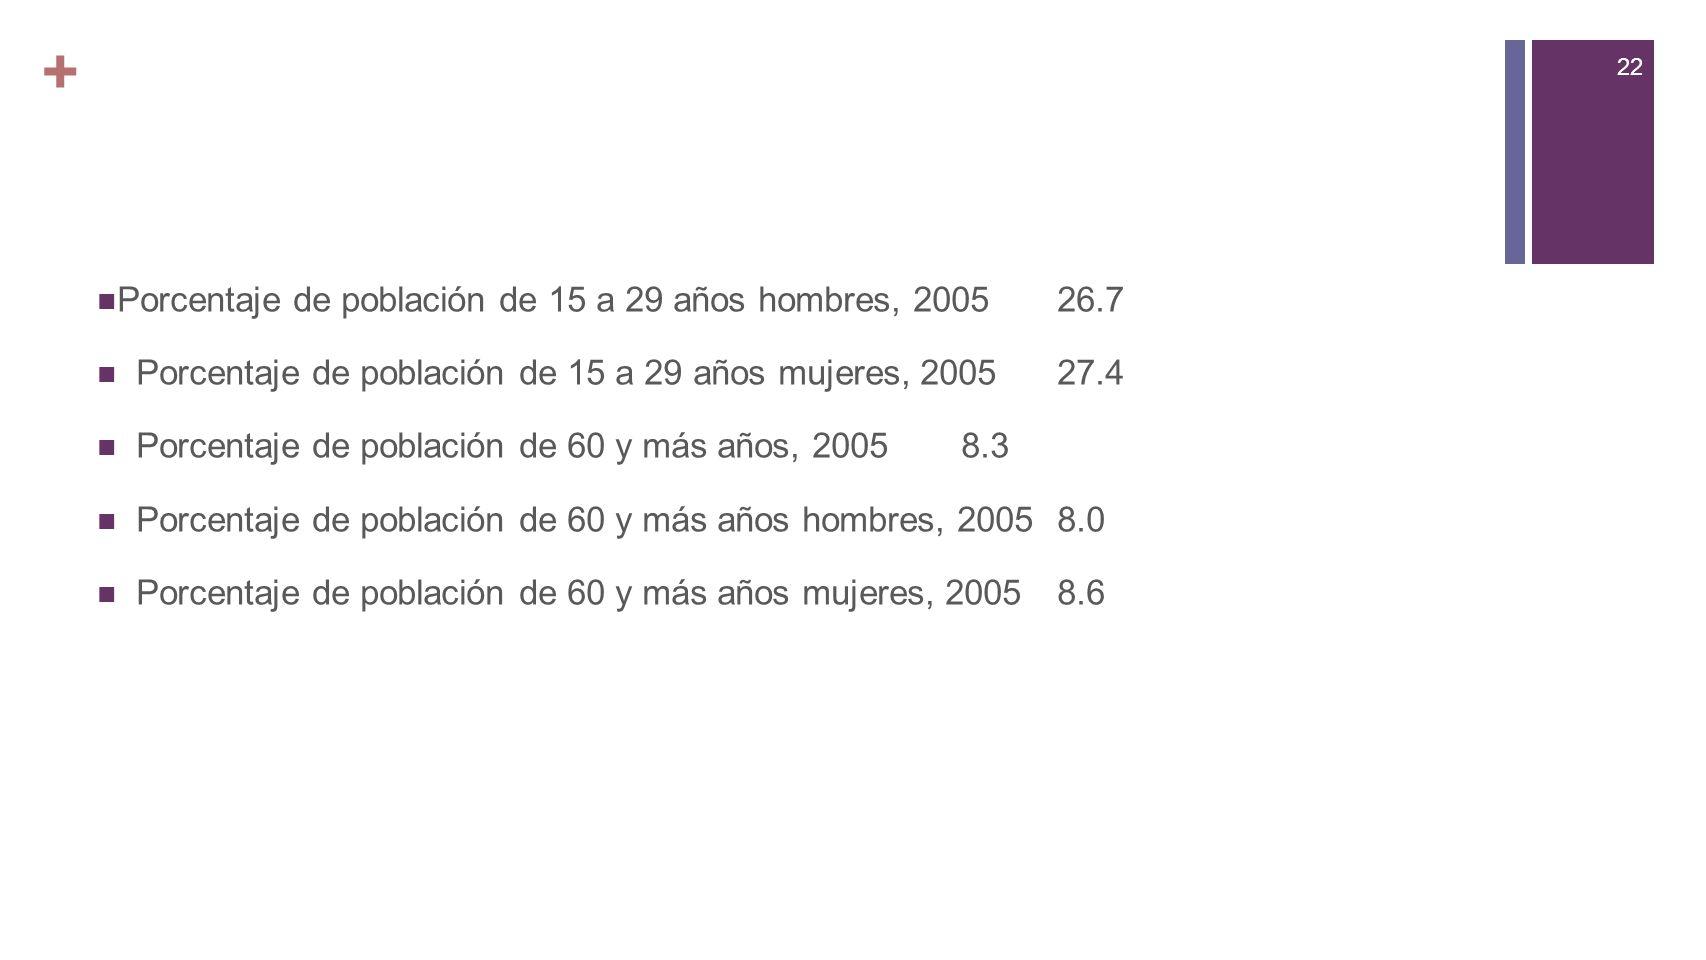 + Porcentaje de población de 15 a 29 años hombres, 2005 26.7